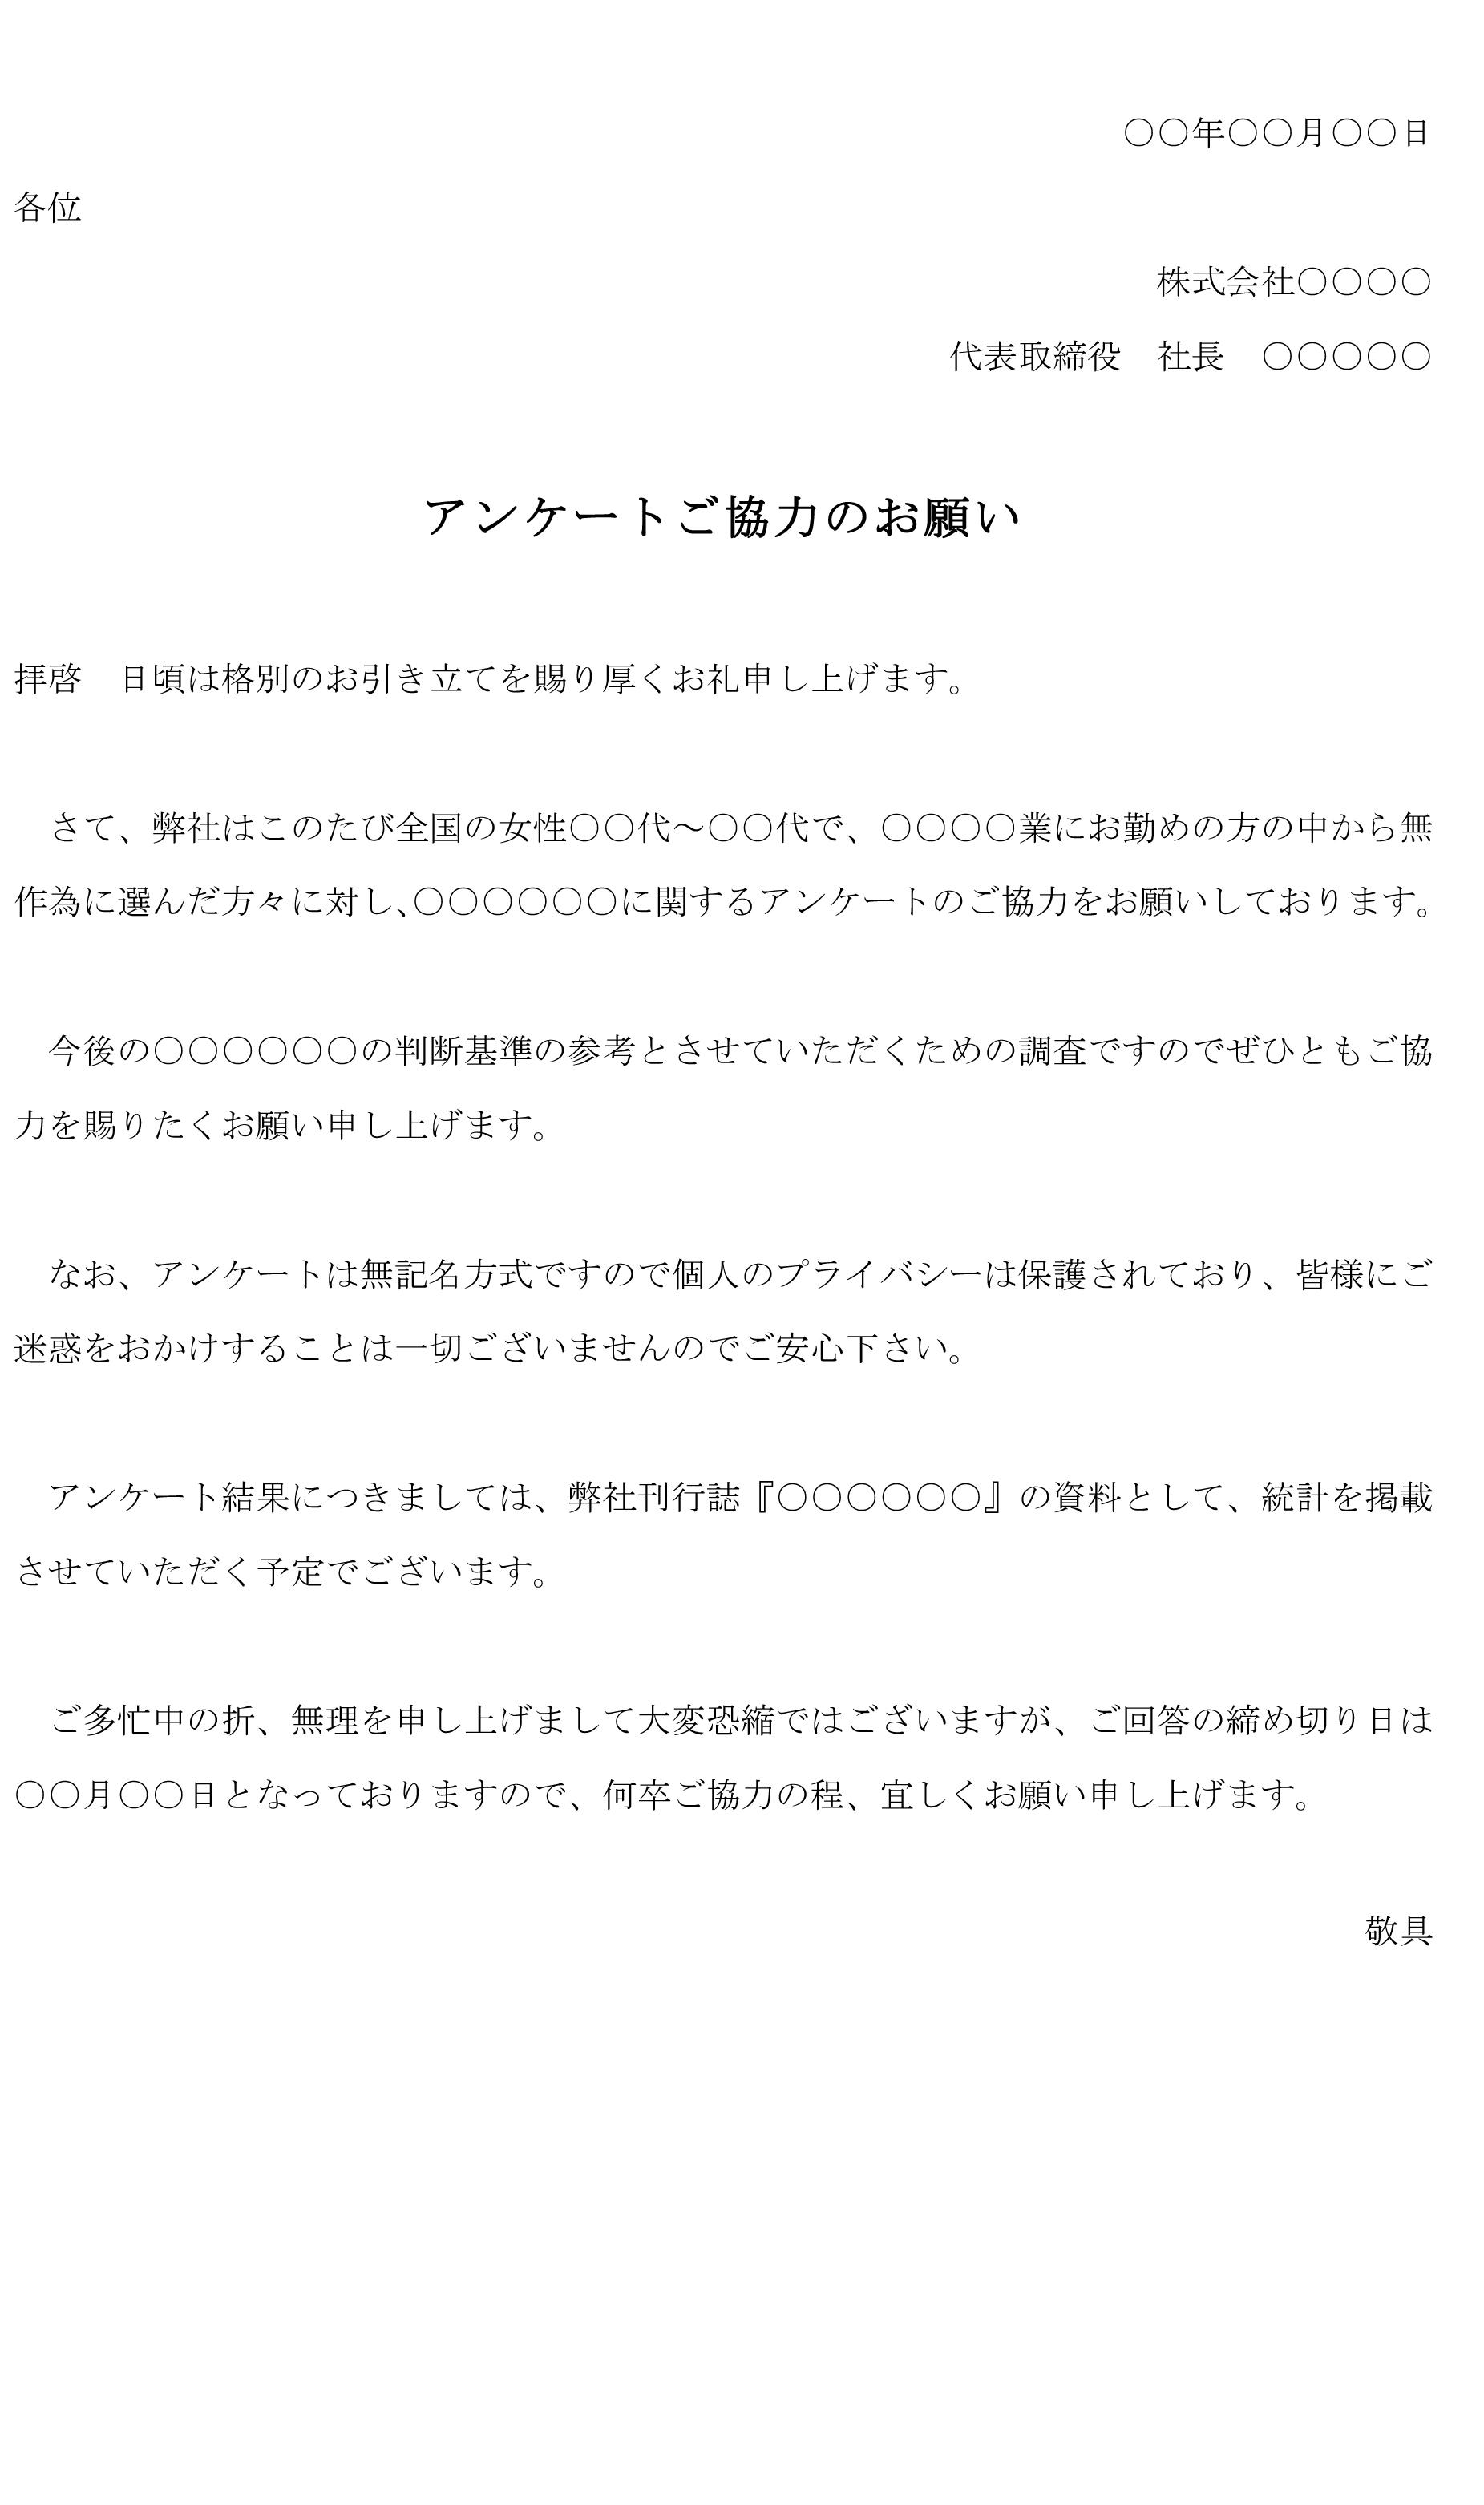 依頼状(アンケート協力)03